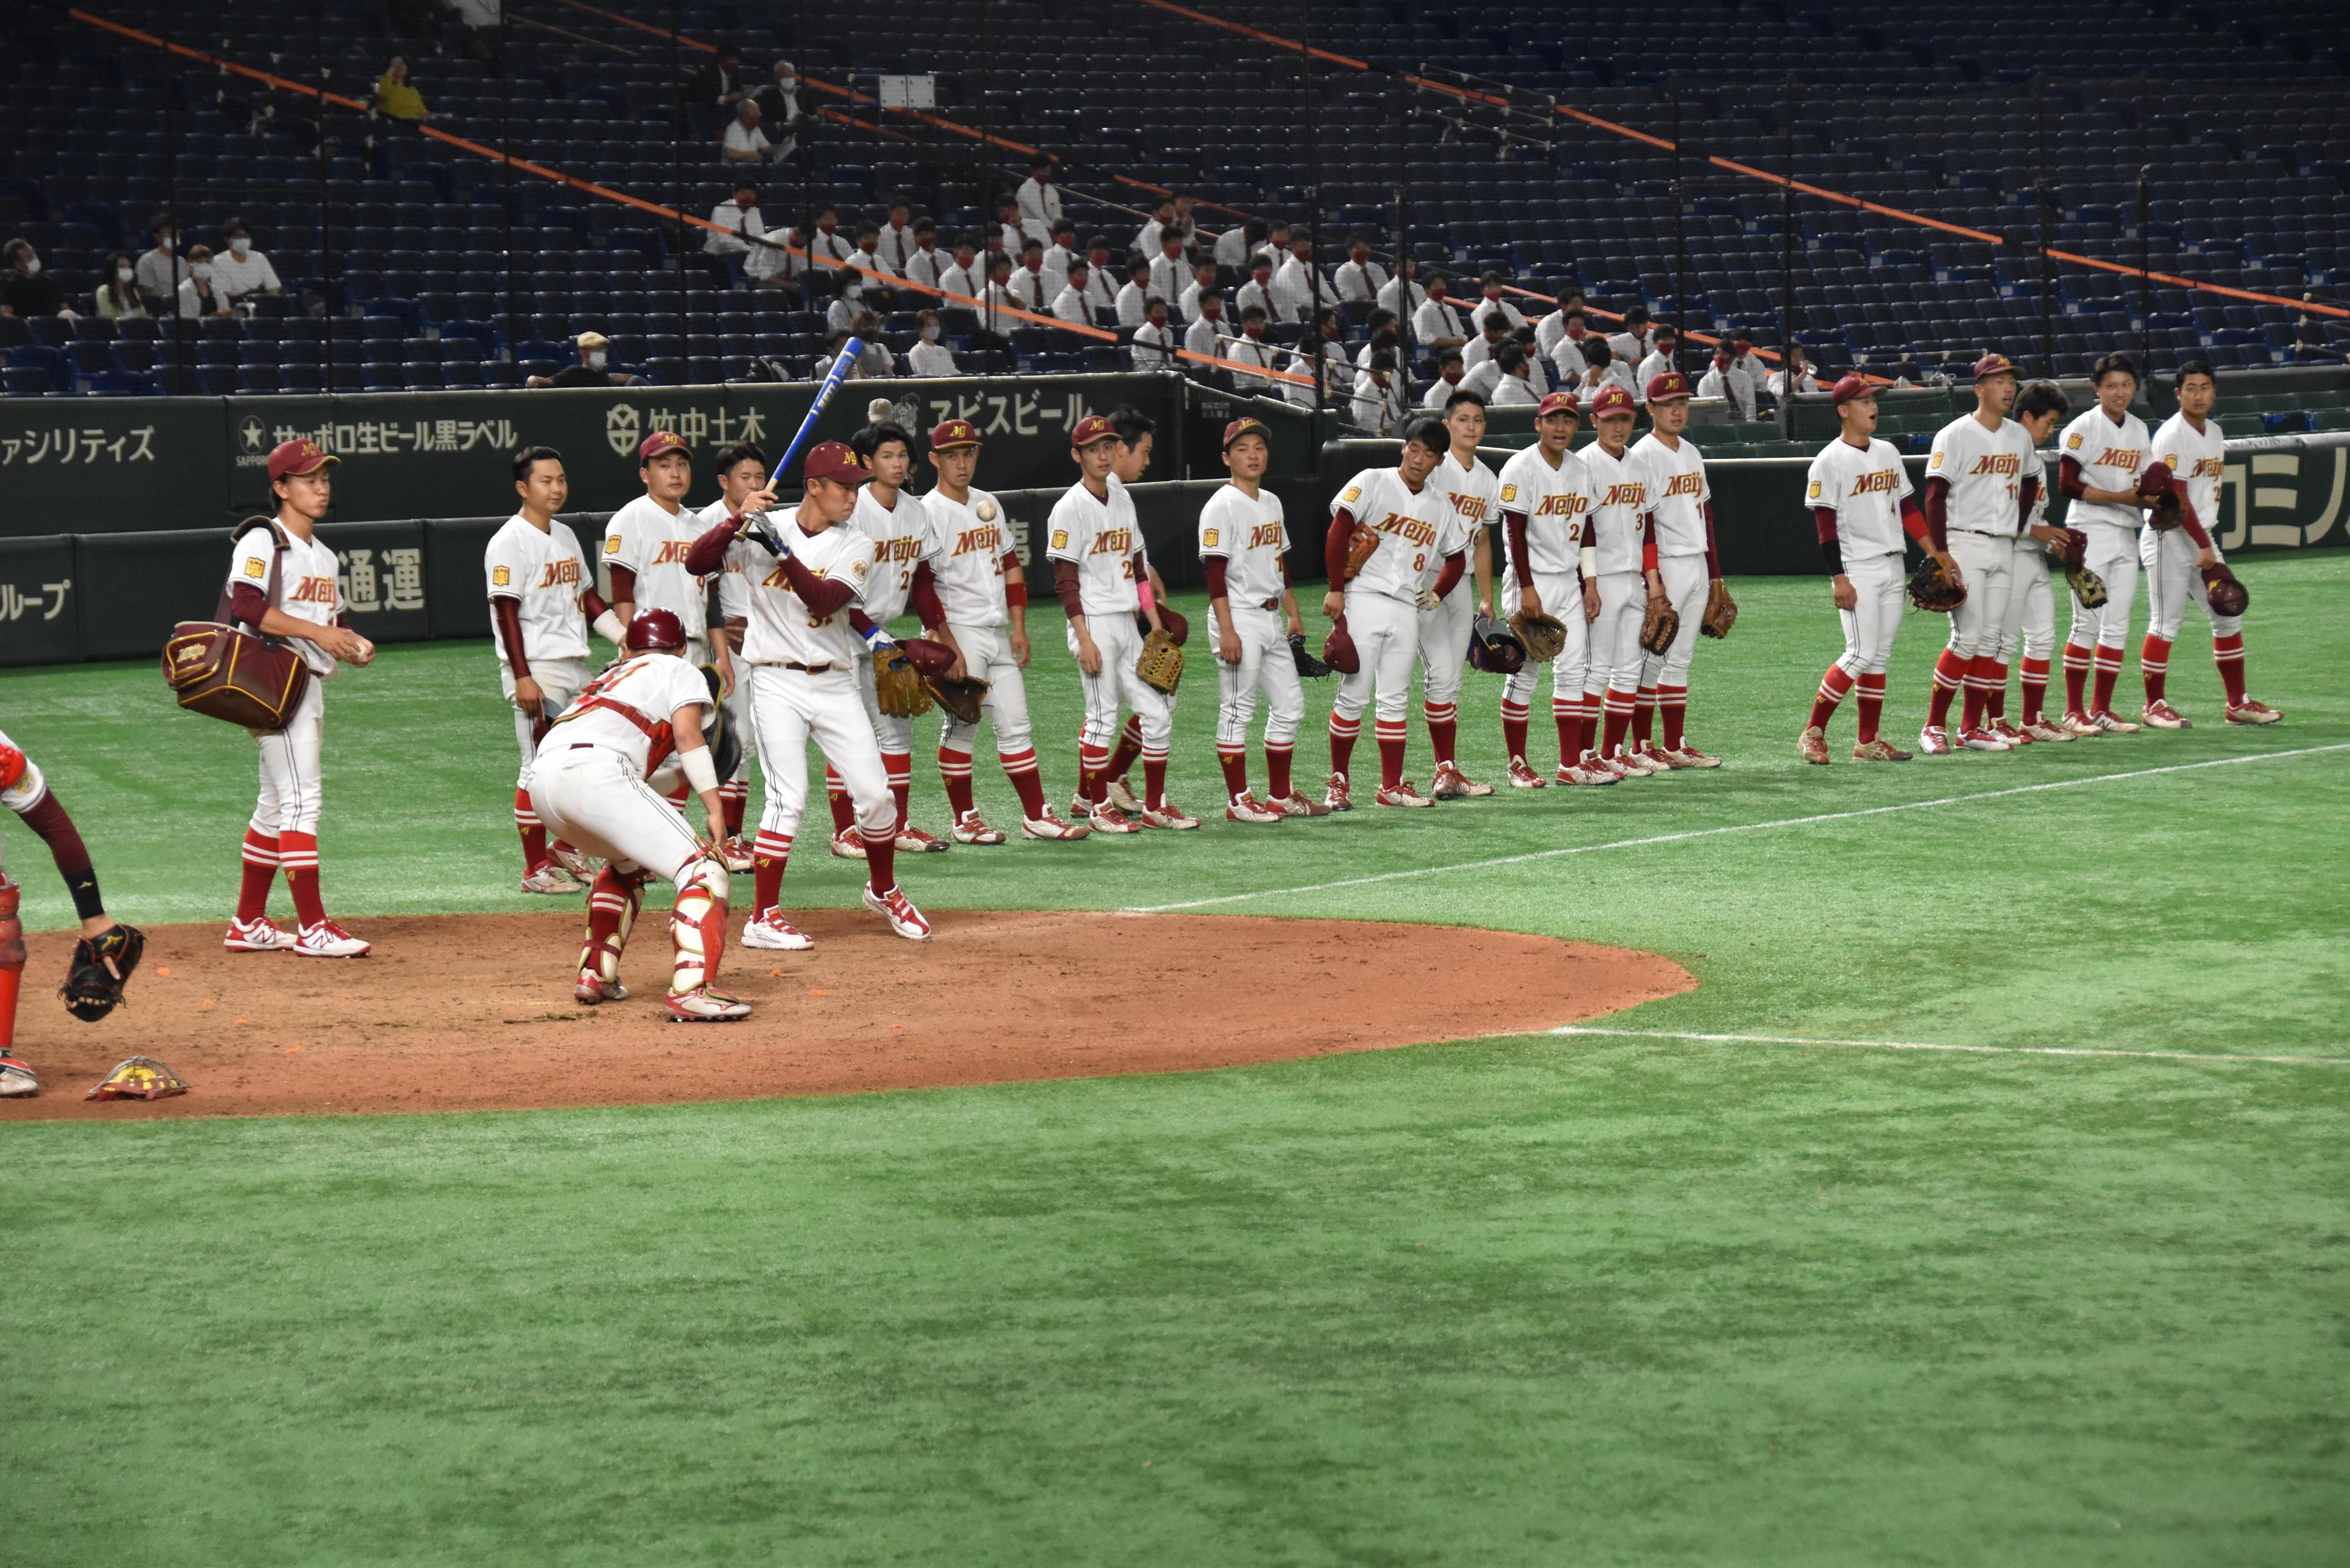 2回戦の試合前、ノックバットを握る森越祐人コーチ=東京ドームで